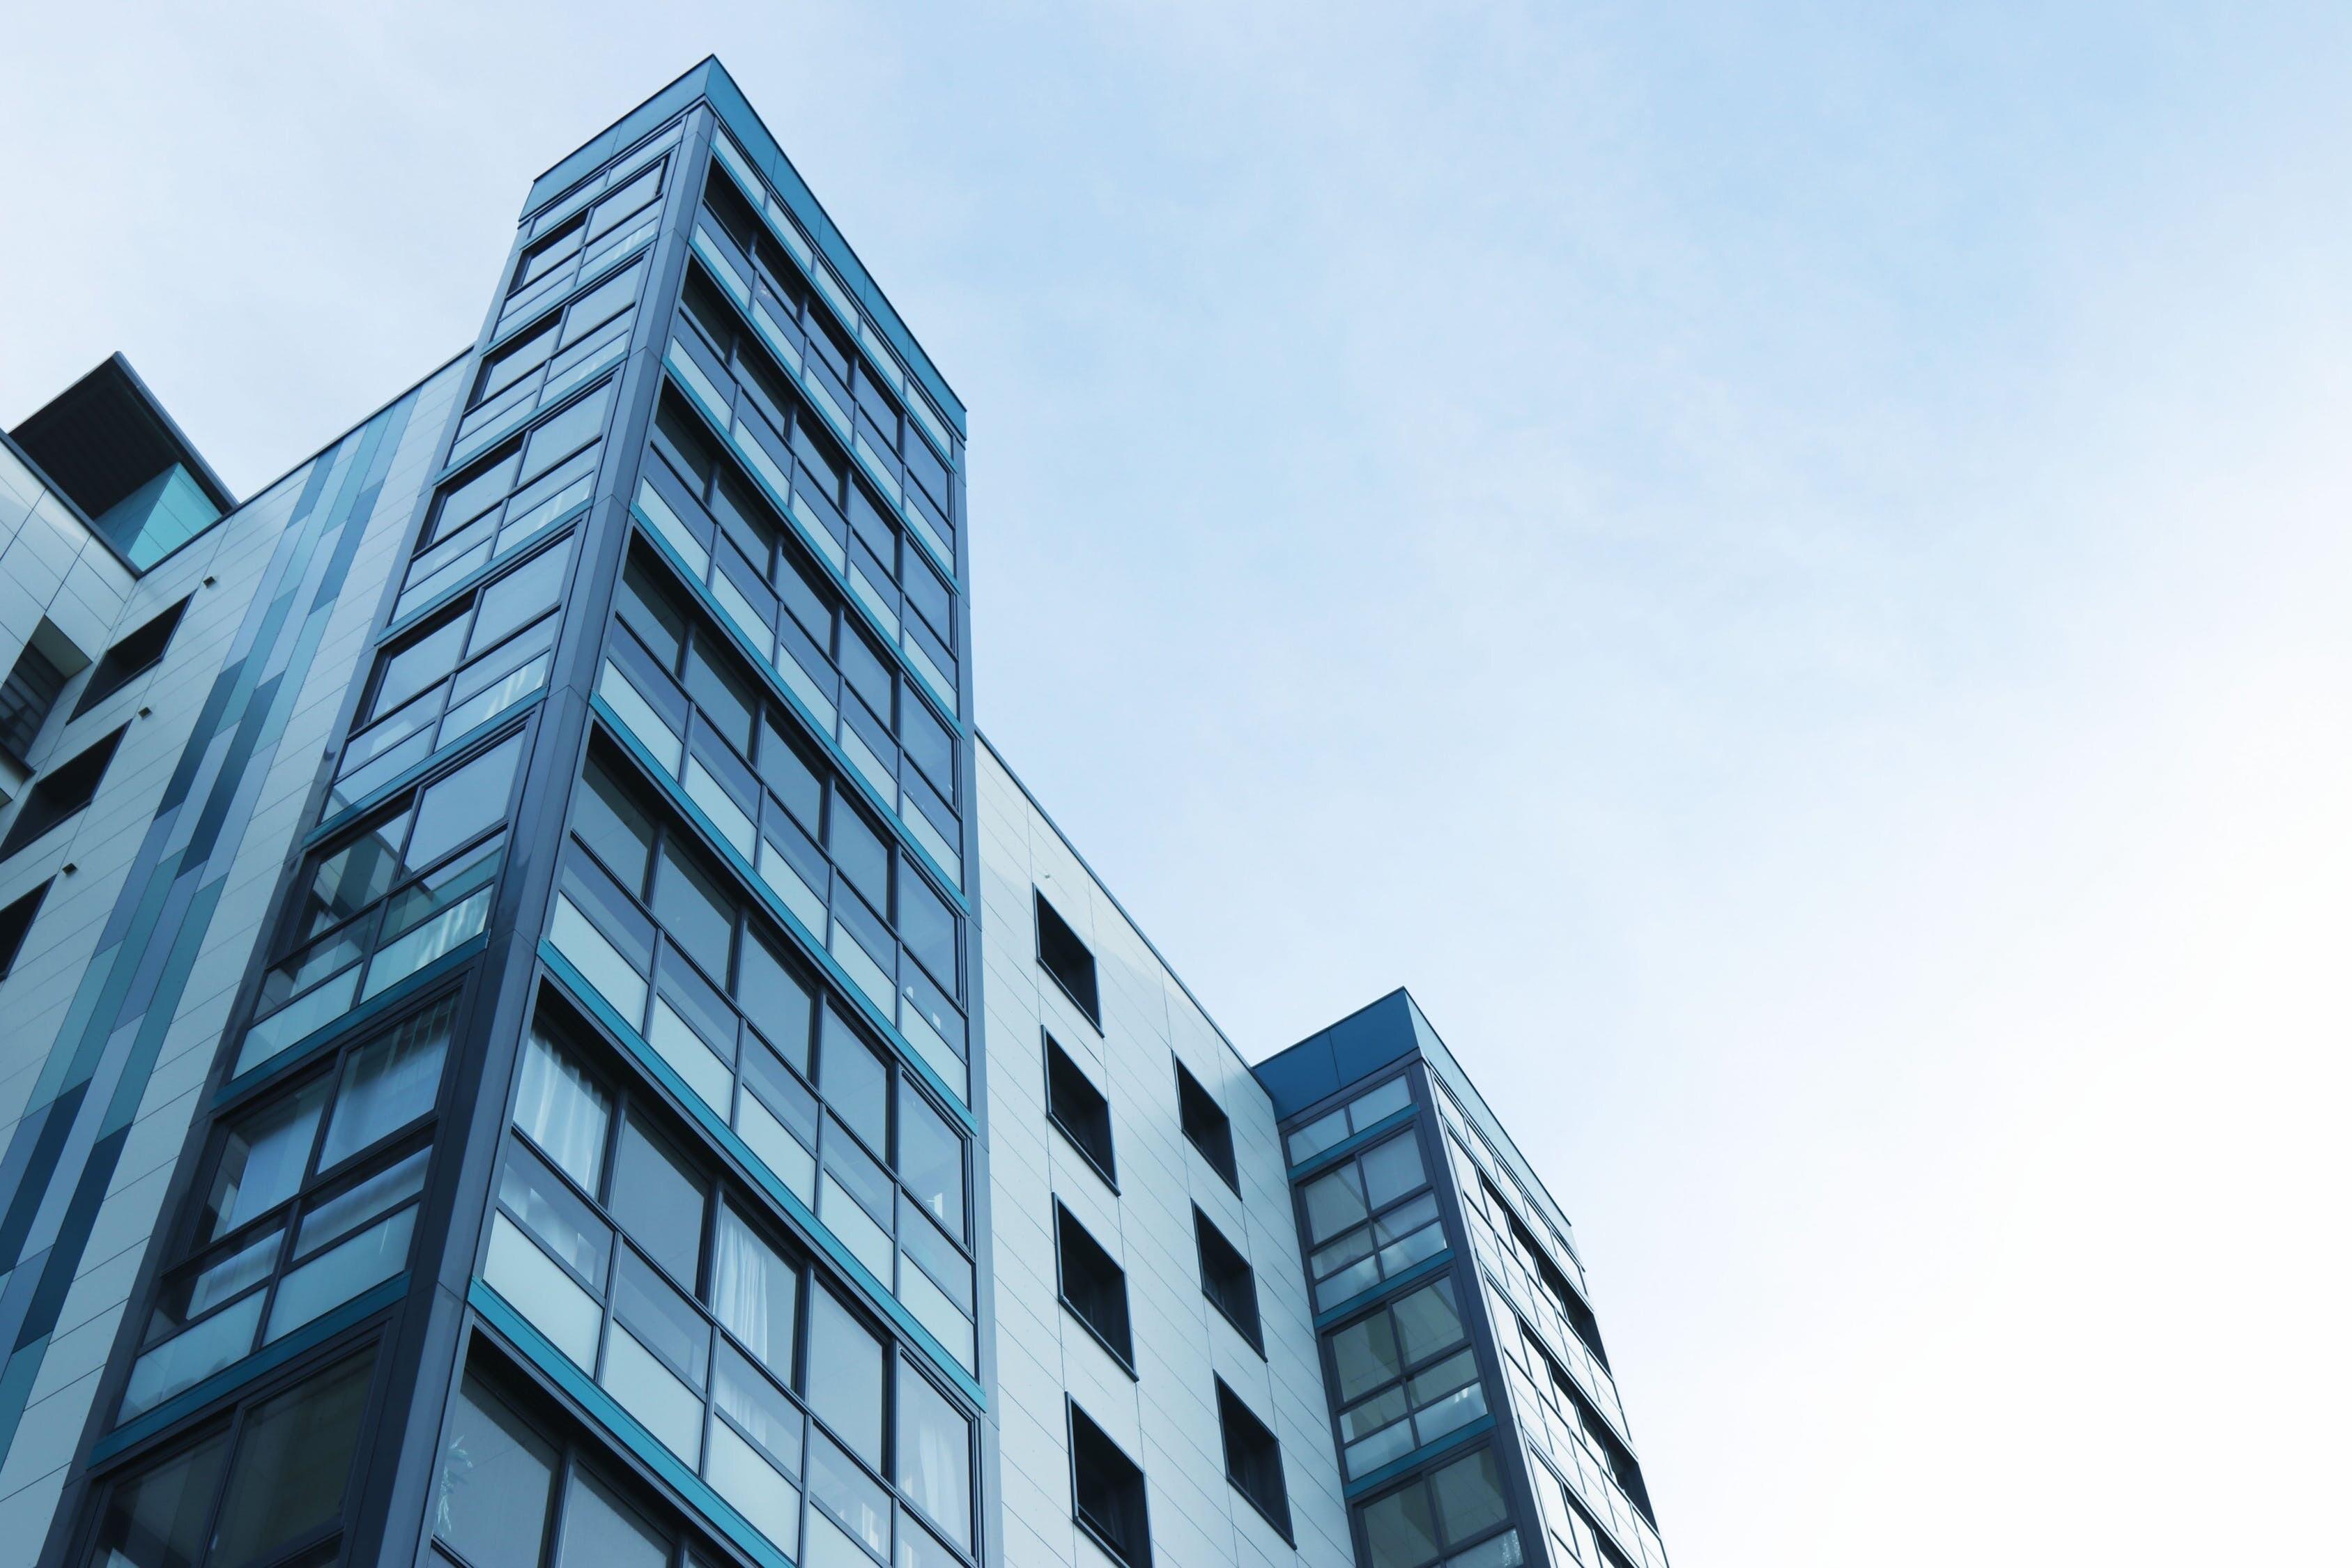 Цены на квартиры в новостройках в Москве и области повысились по сравнению с 2018 годом